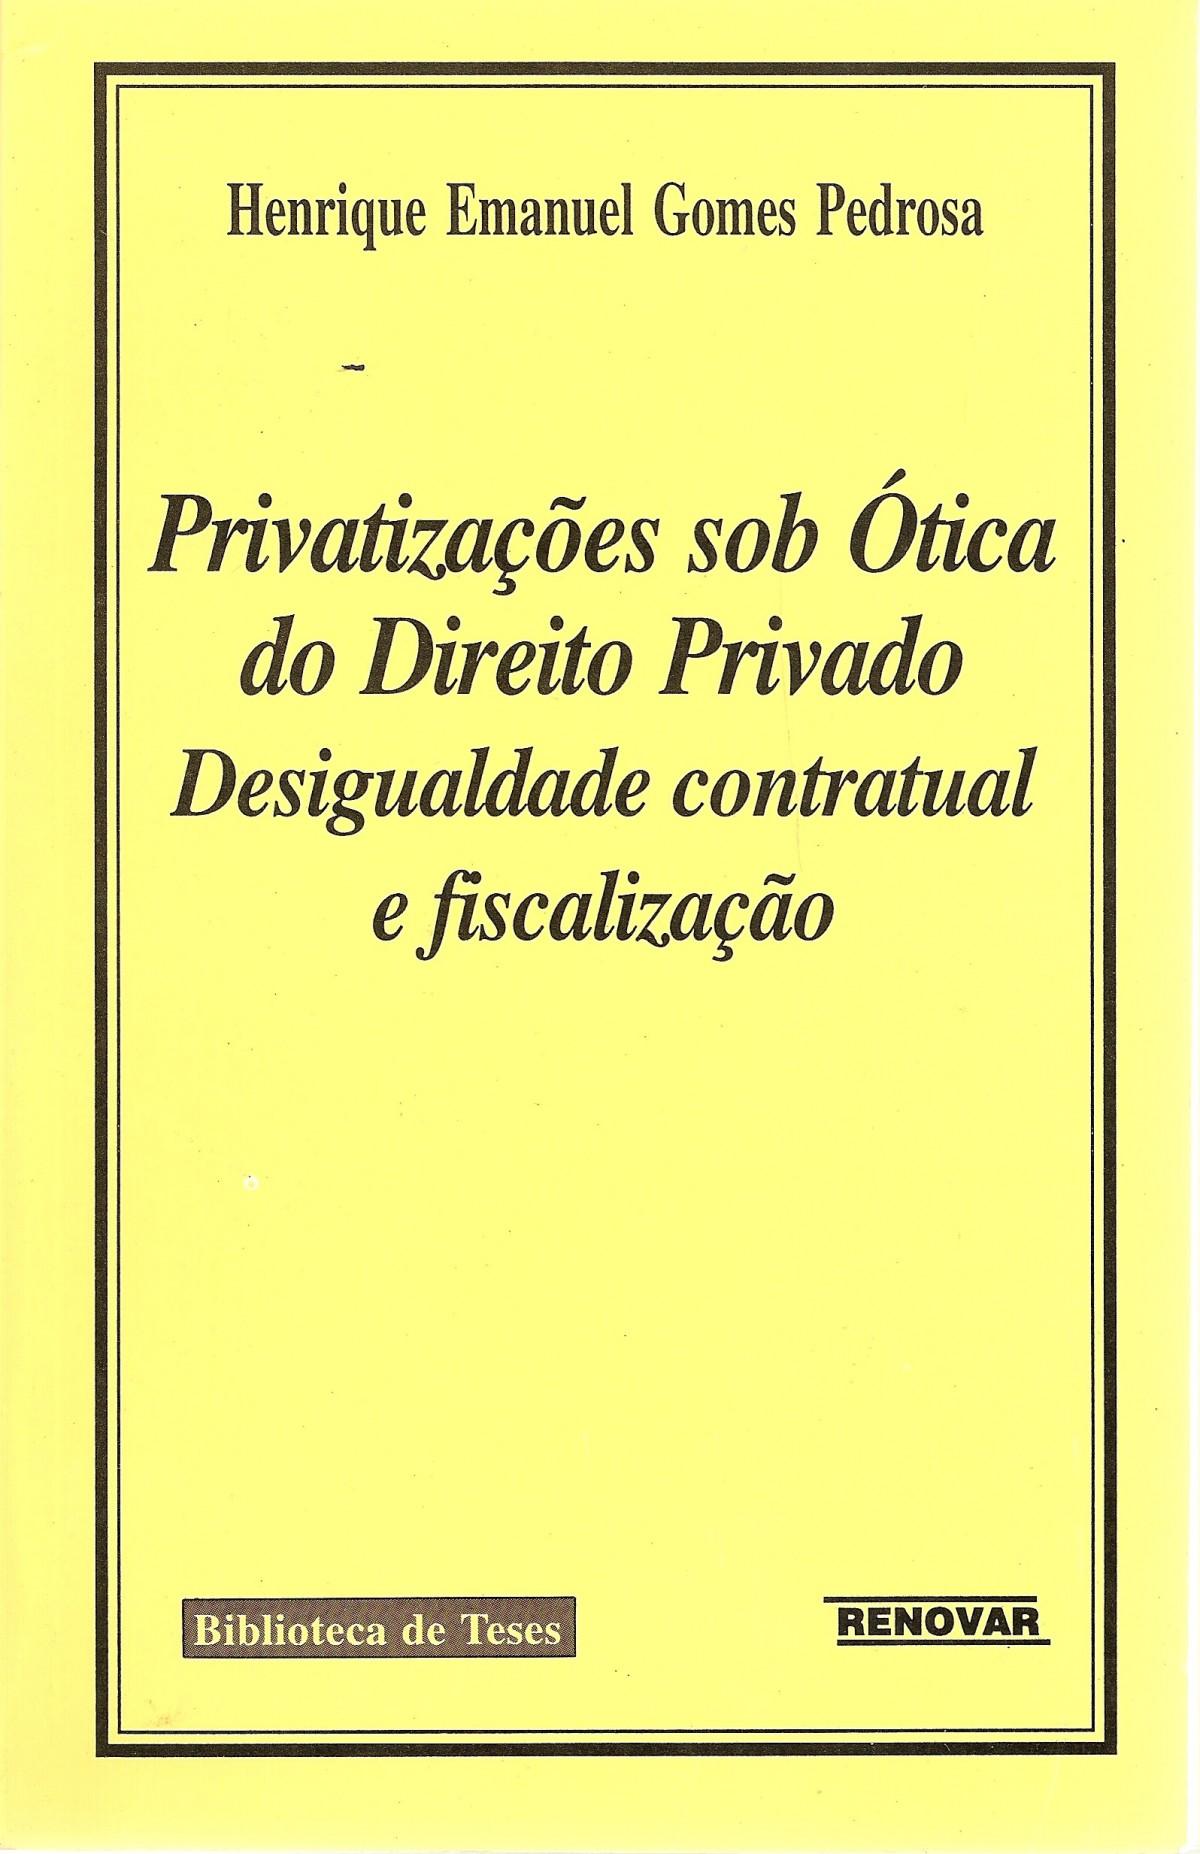 Foto 1 - Privatizações Sob a Ótica do Direito Privado